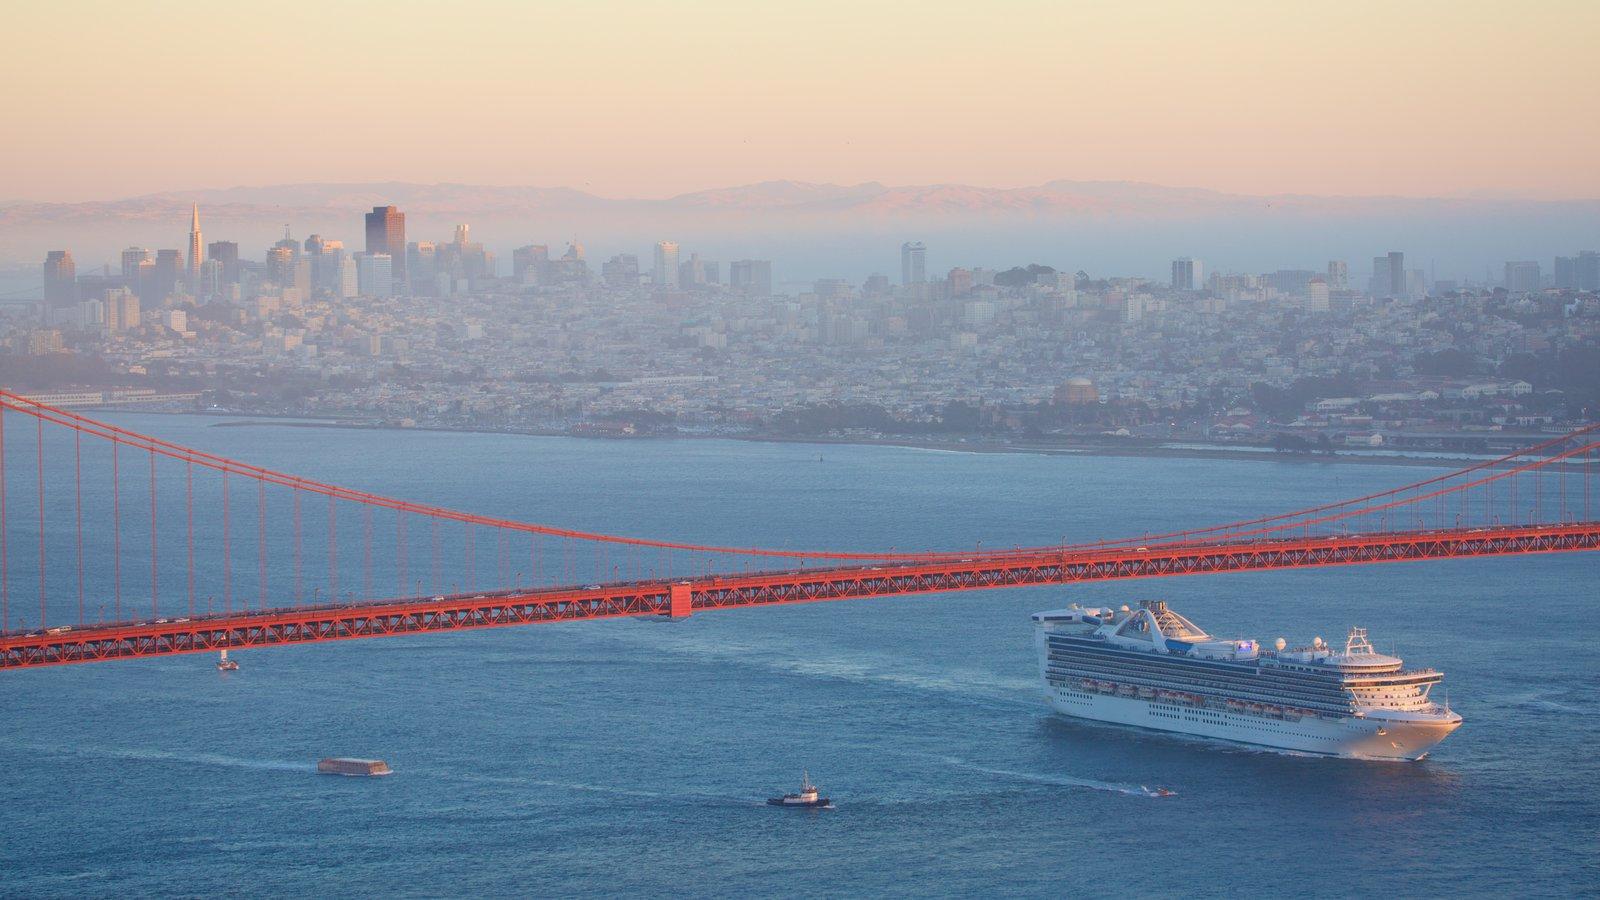 Norte da Califórnia que inclui uma cidade, uma baía ou porto e cruzeiro